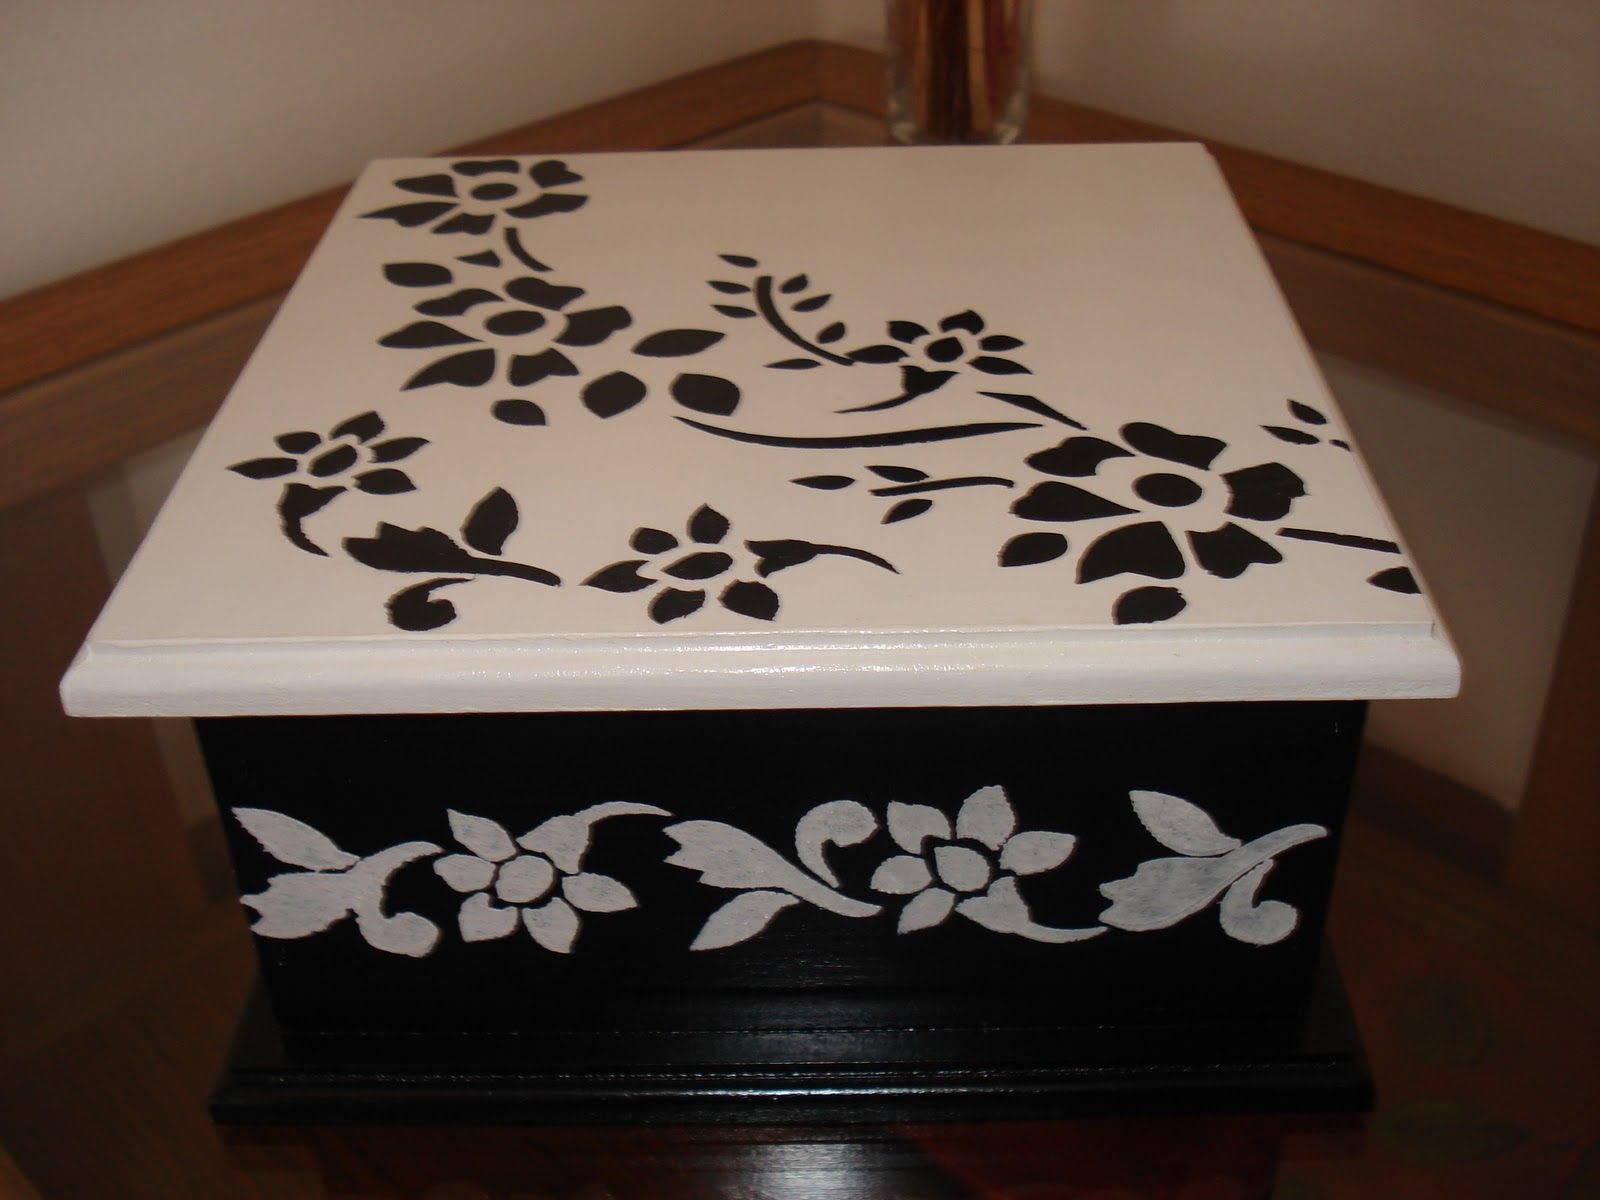 Fotos de cajas de madera pintadas a mano 75